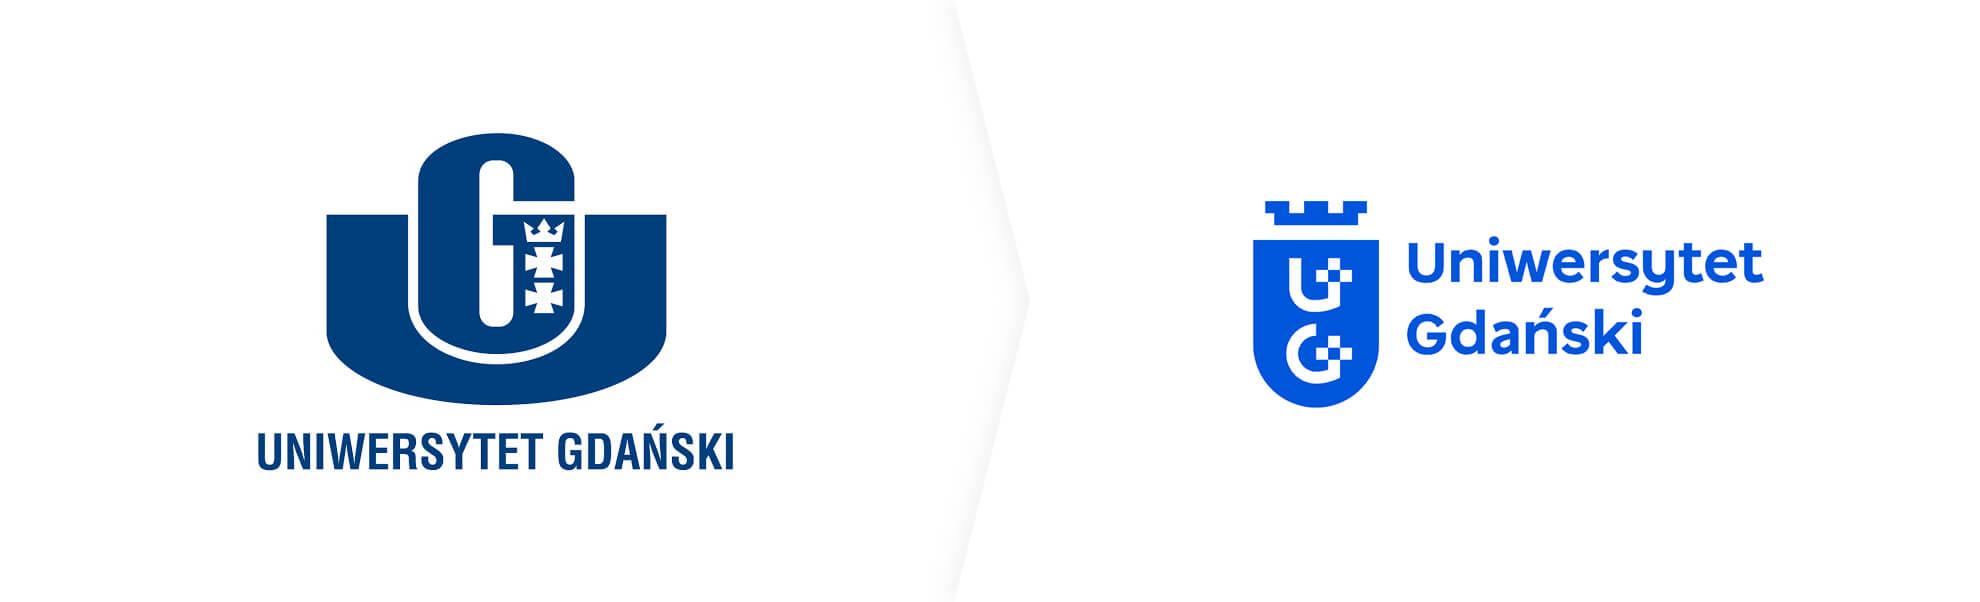 uniwersytetgdanski logo